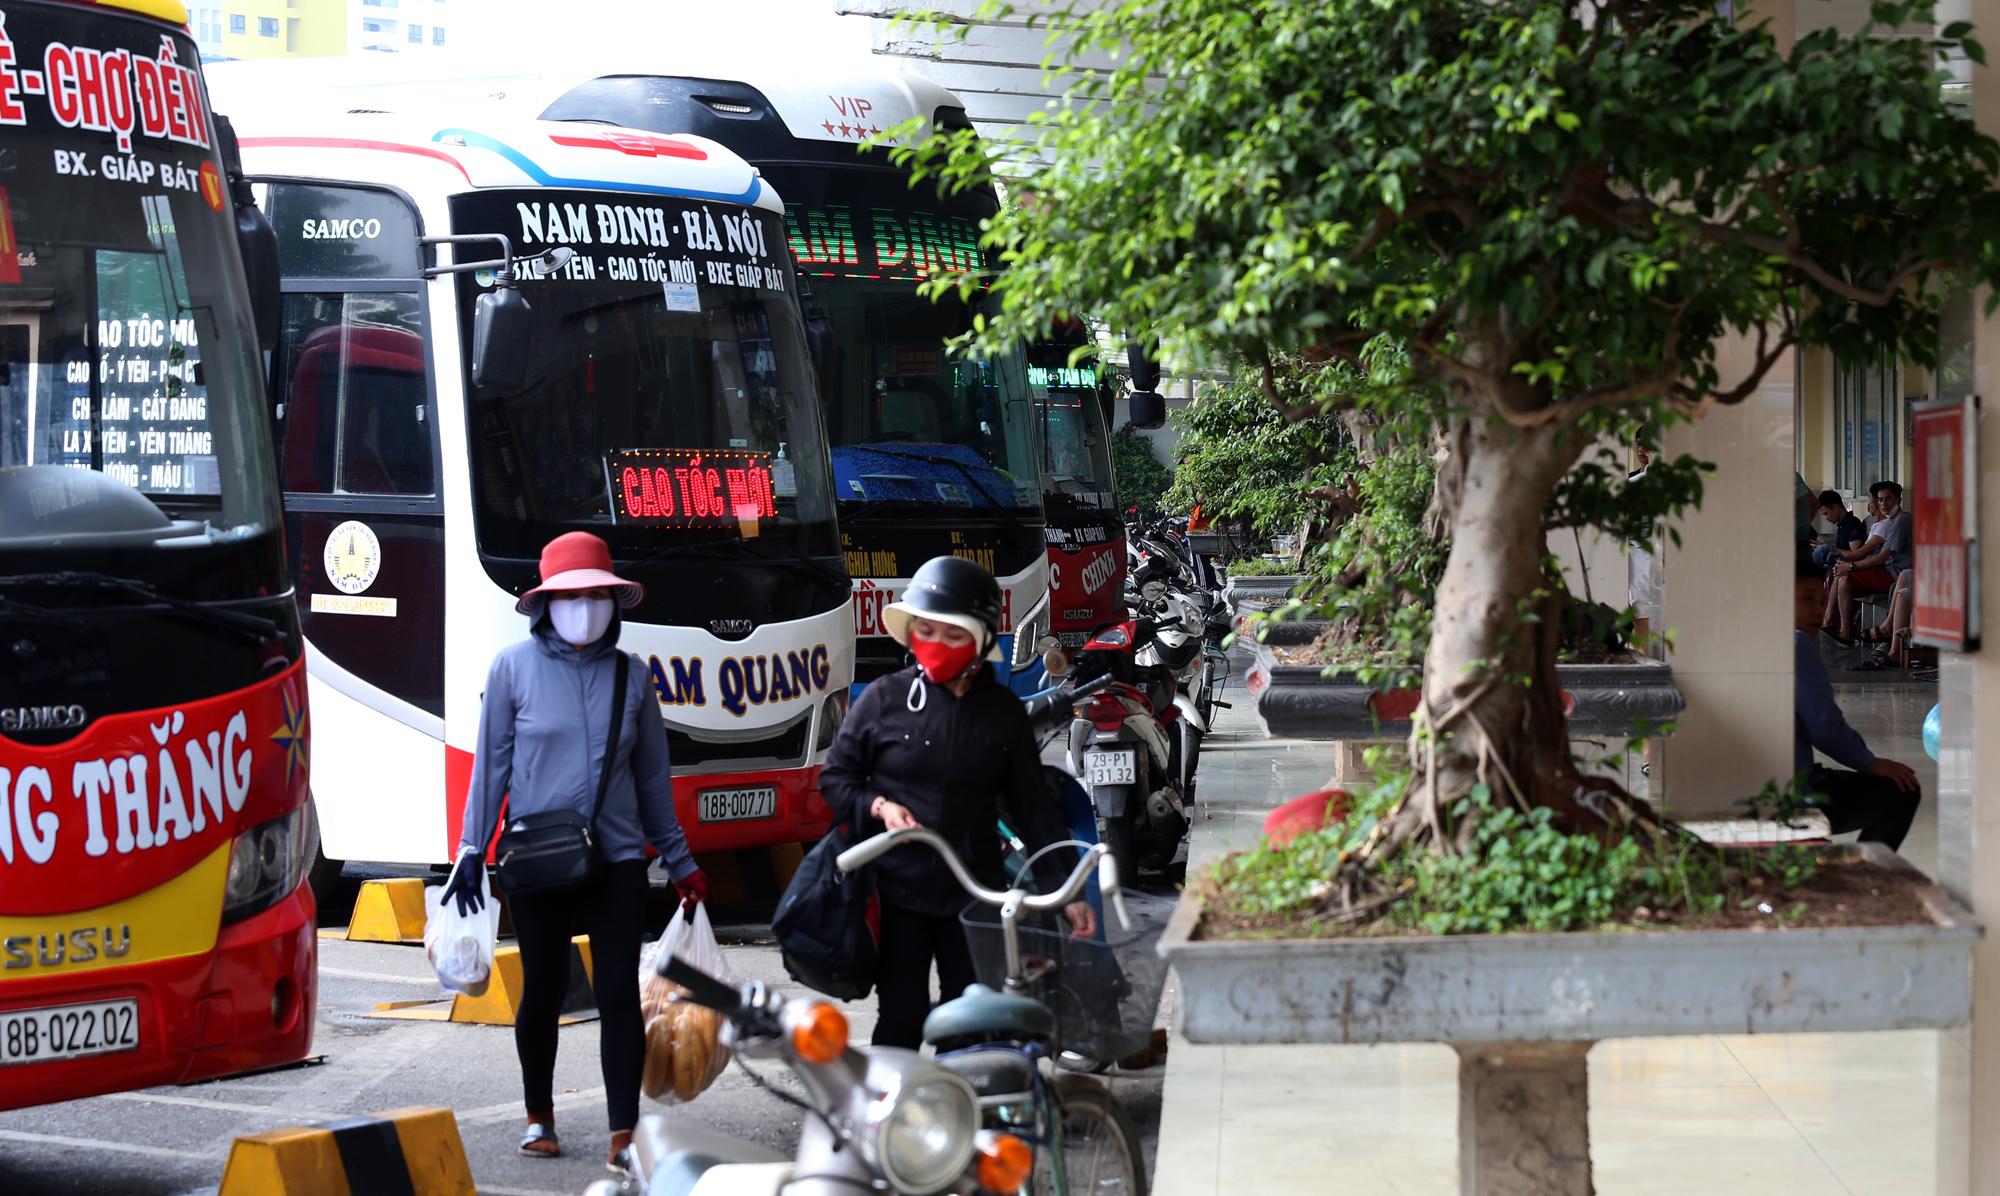 Vận tải khách trở lại bình thường, bến xe ở Hà Nội vẫn vắng vẻ - Ảnh 3.